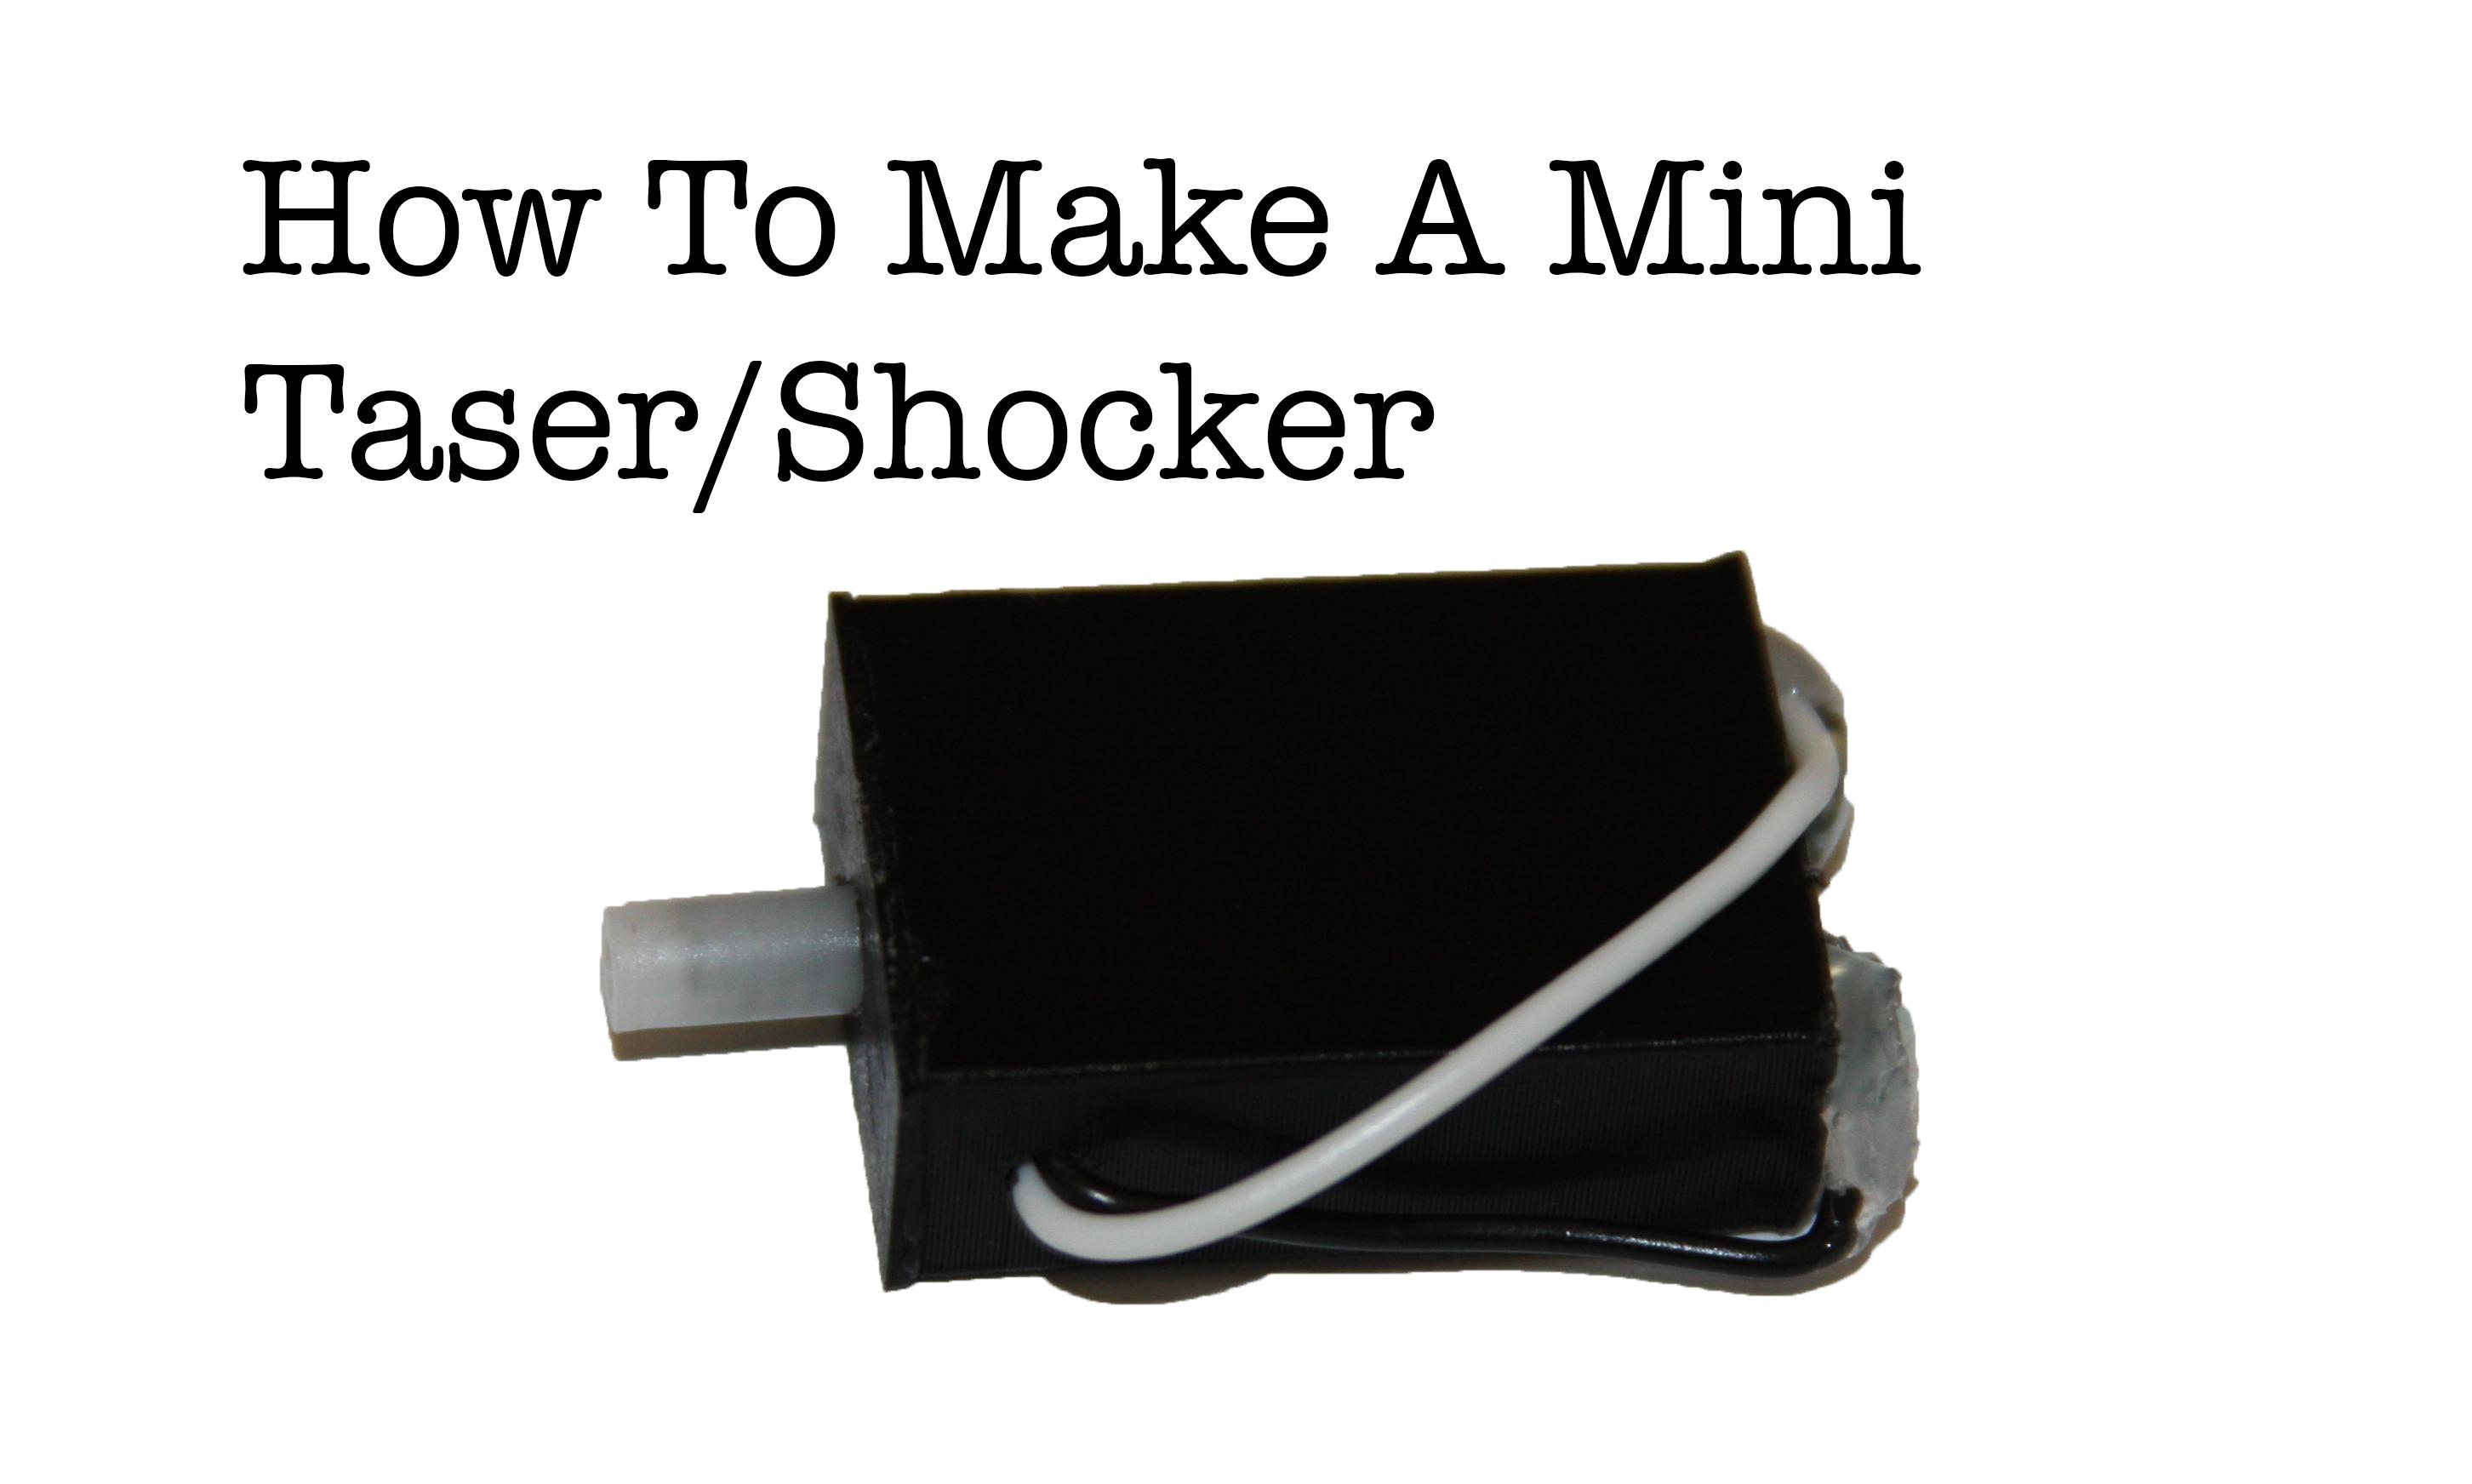 Picture of Mini Taser/Shocker